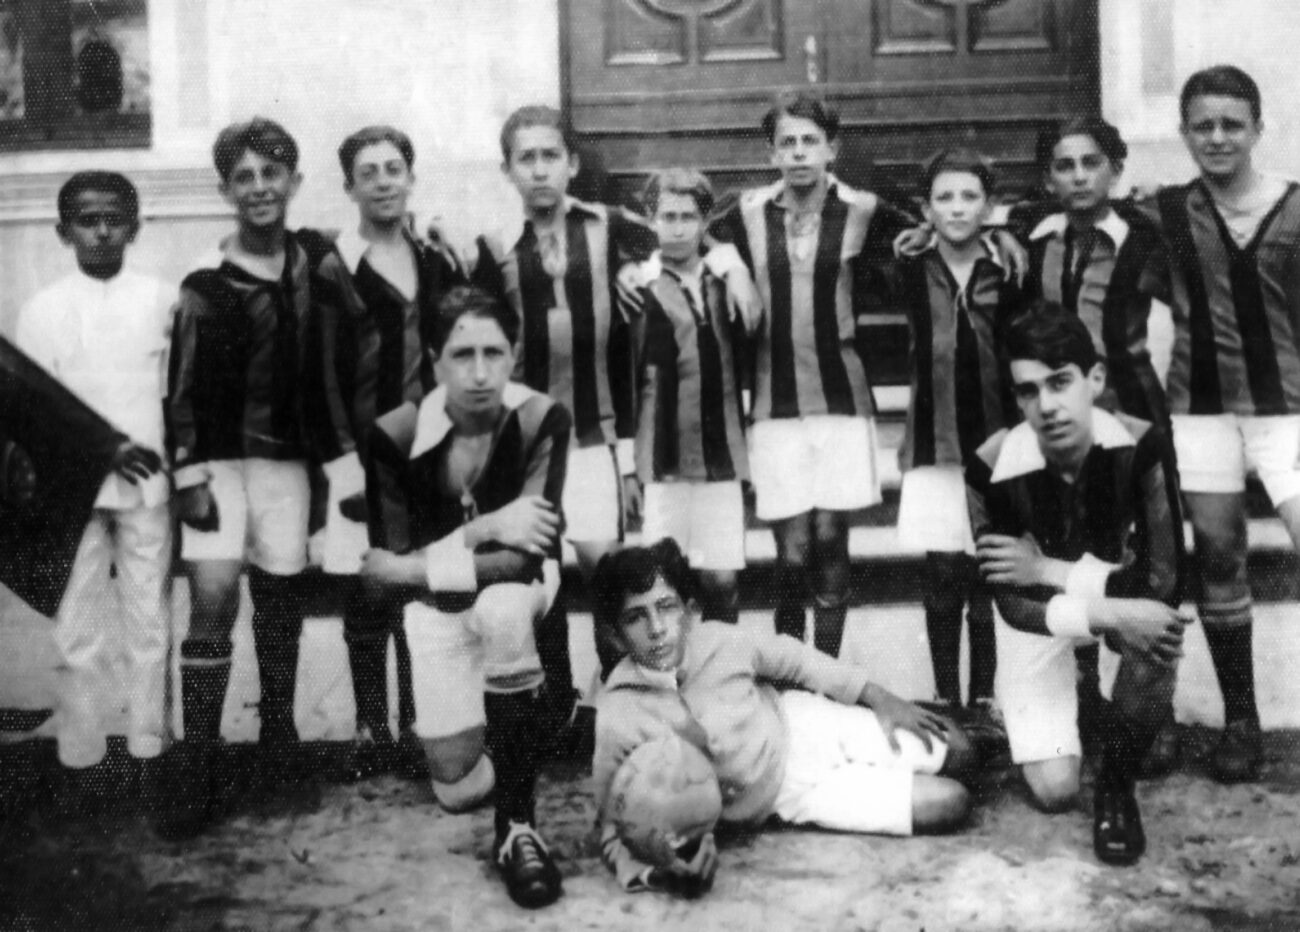 Alunos do Colégio Anchieta na década de 1920. Acervo pessoal